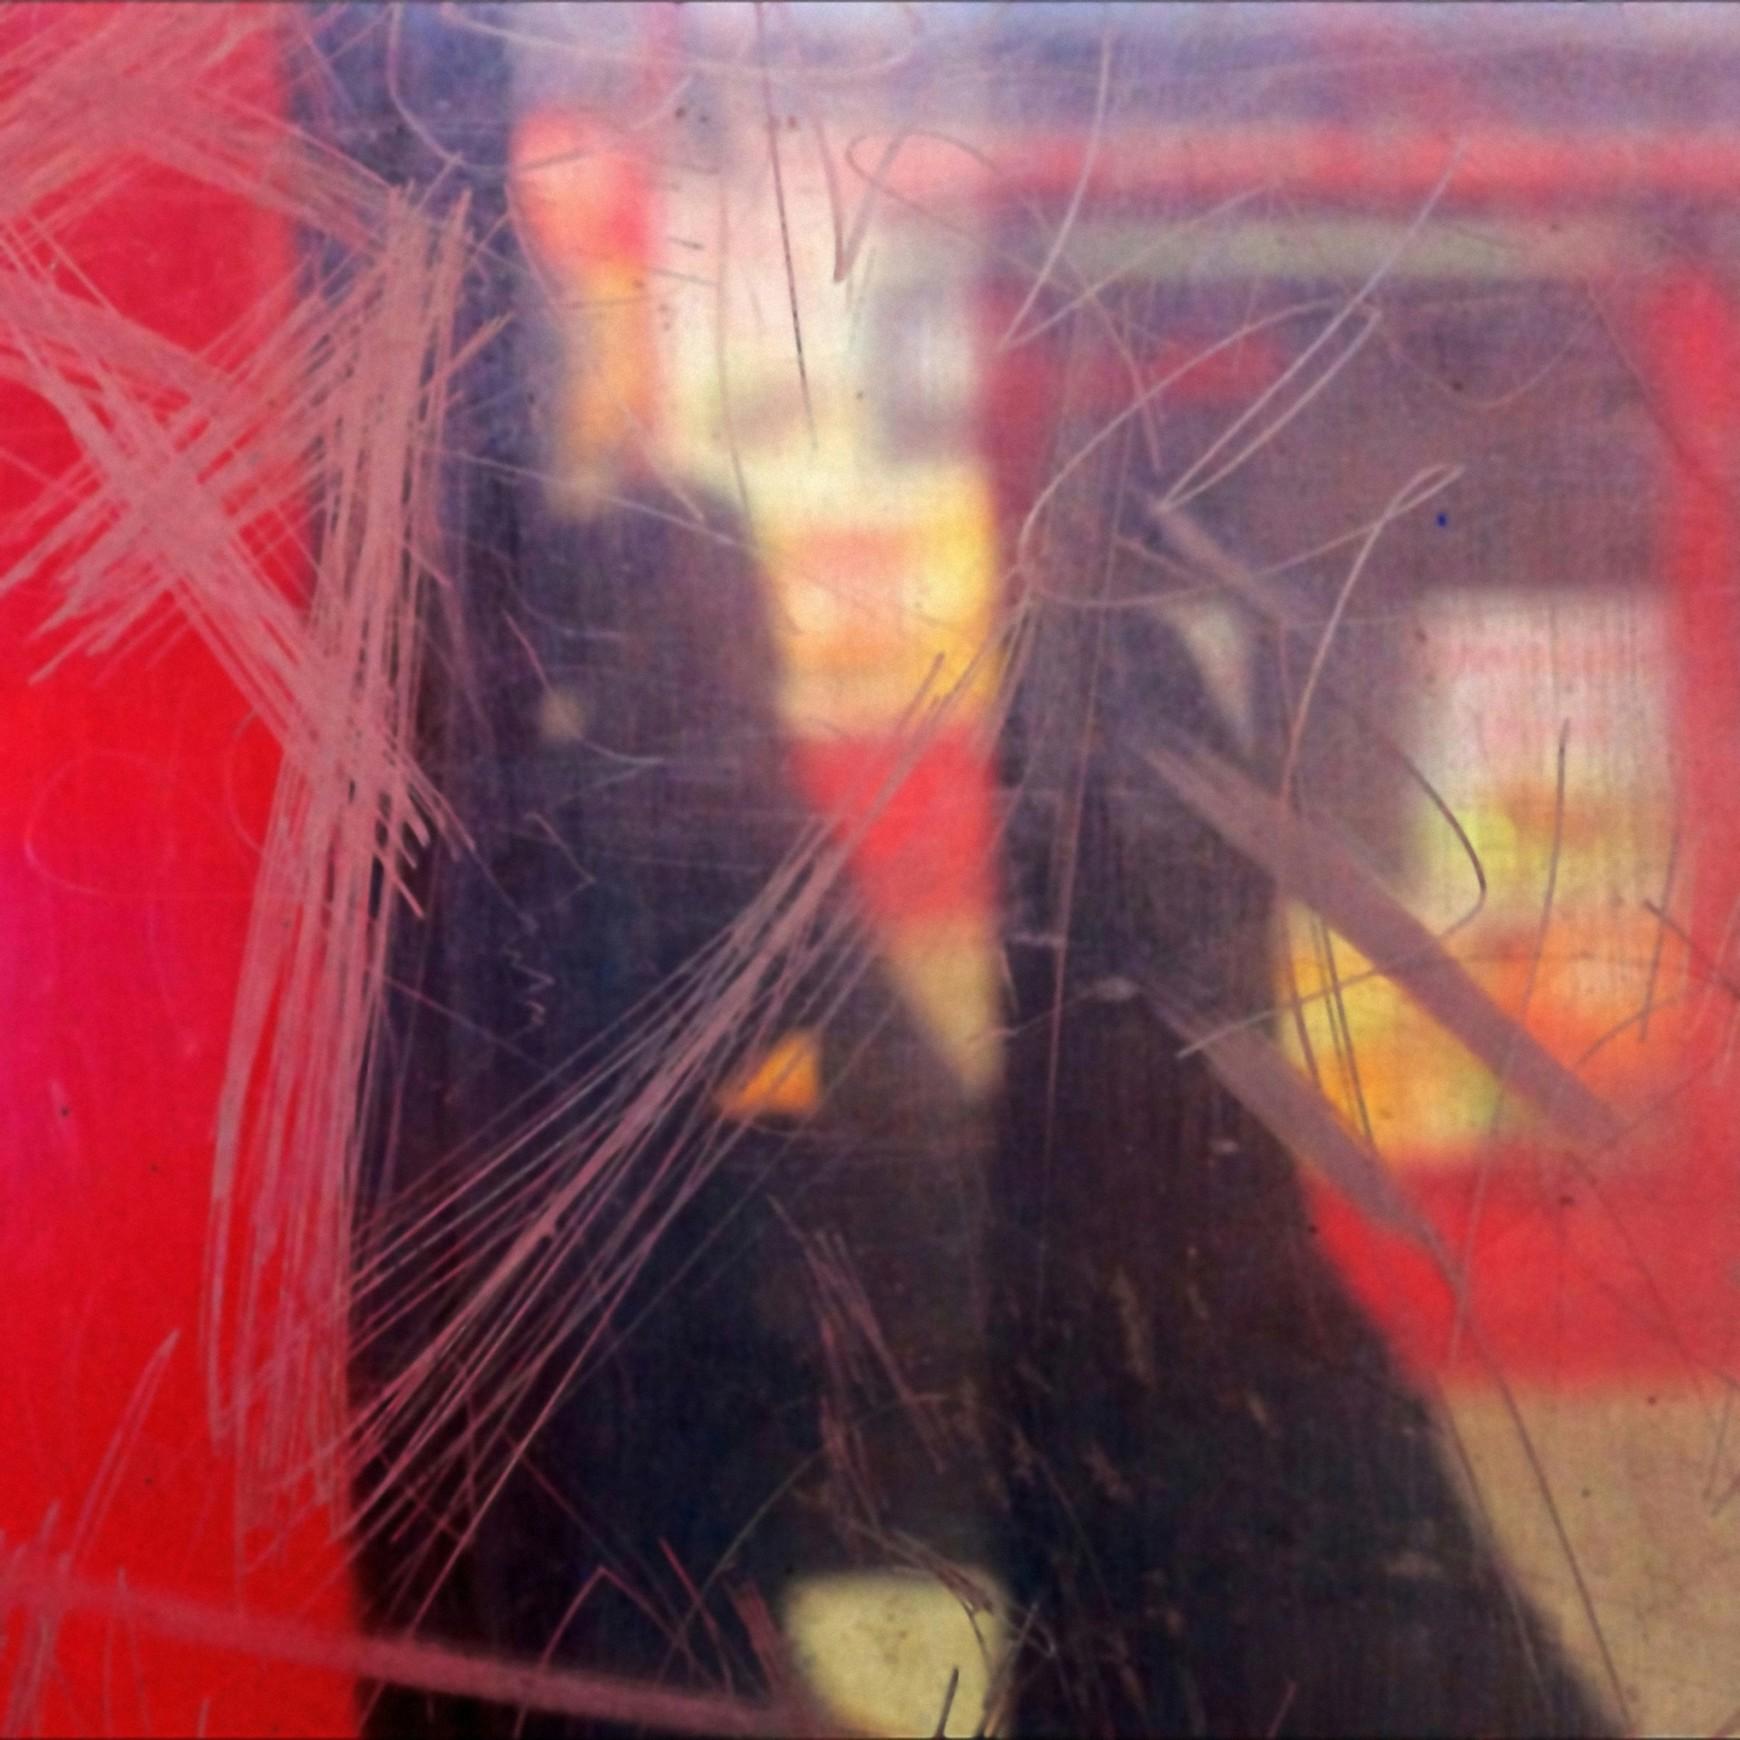 Bus Stop, il progetto anti-fotografico di Stephen Calcutt | Collater.al 7